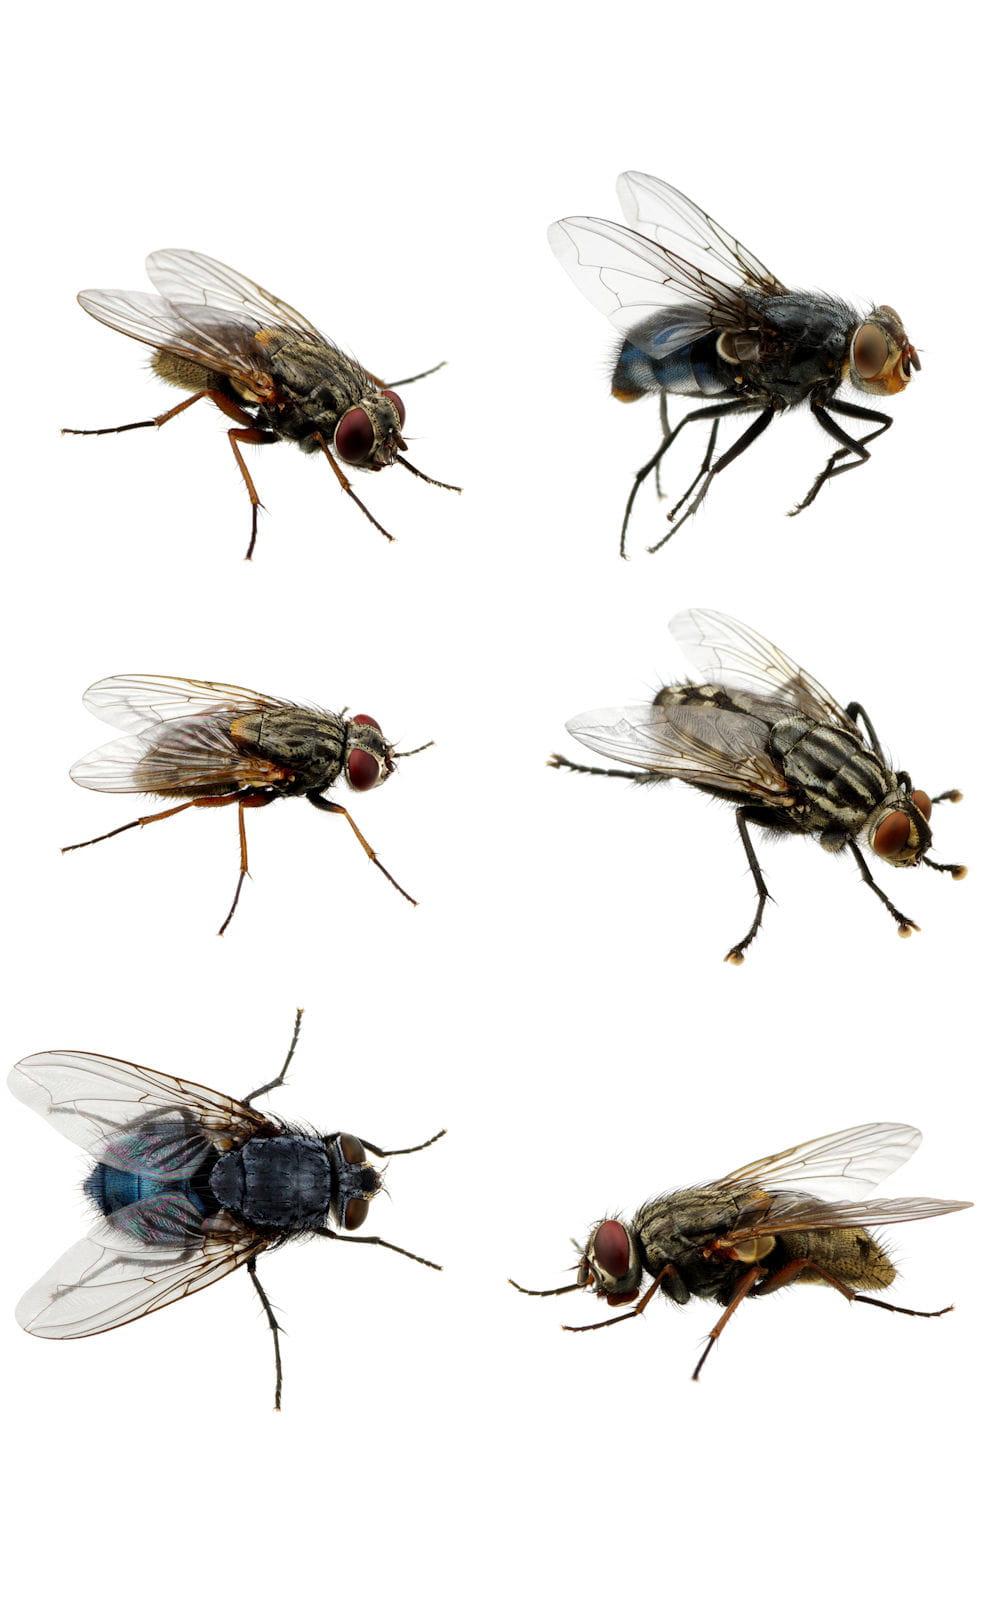 Eloignez les mouches et moucherons